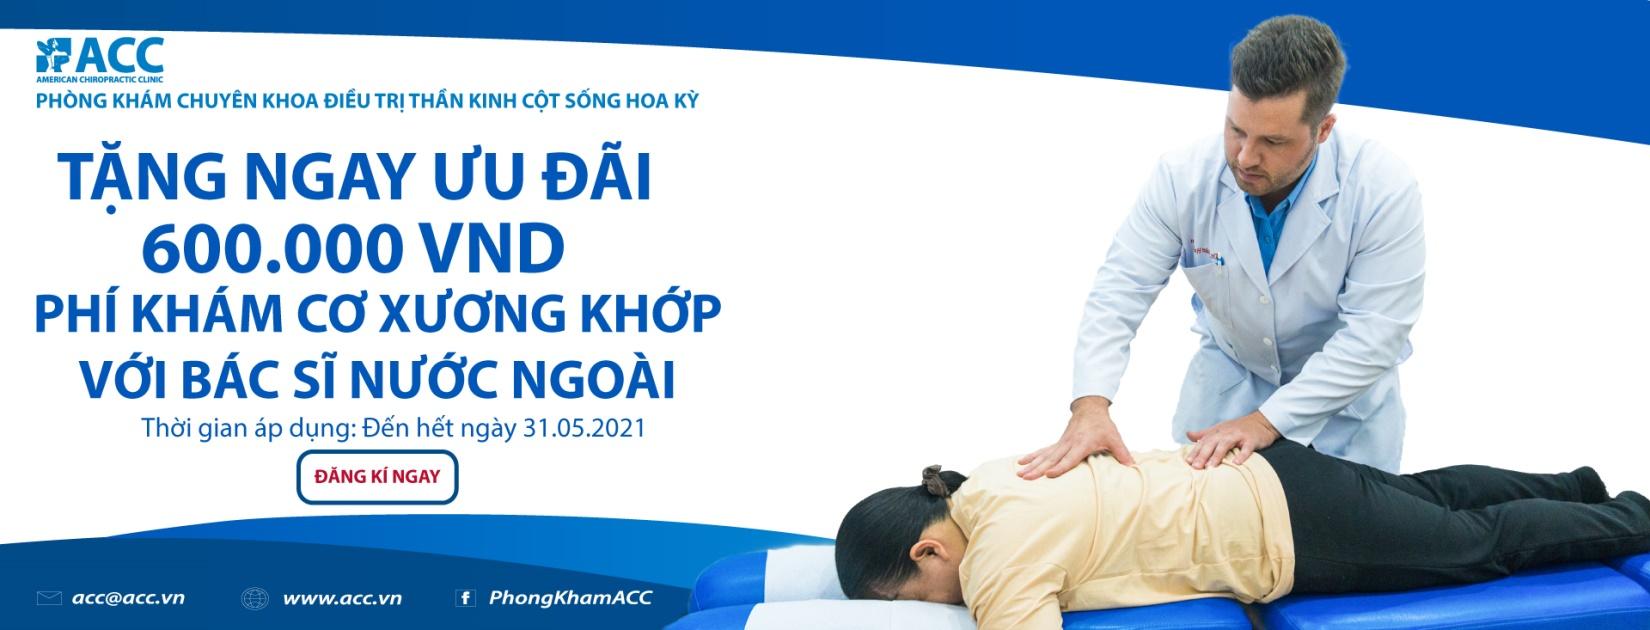 ACC giảm phí khám cơ xương khớp lần đầu với bác sĩ nước ngoài